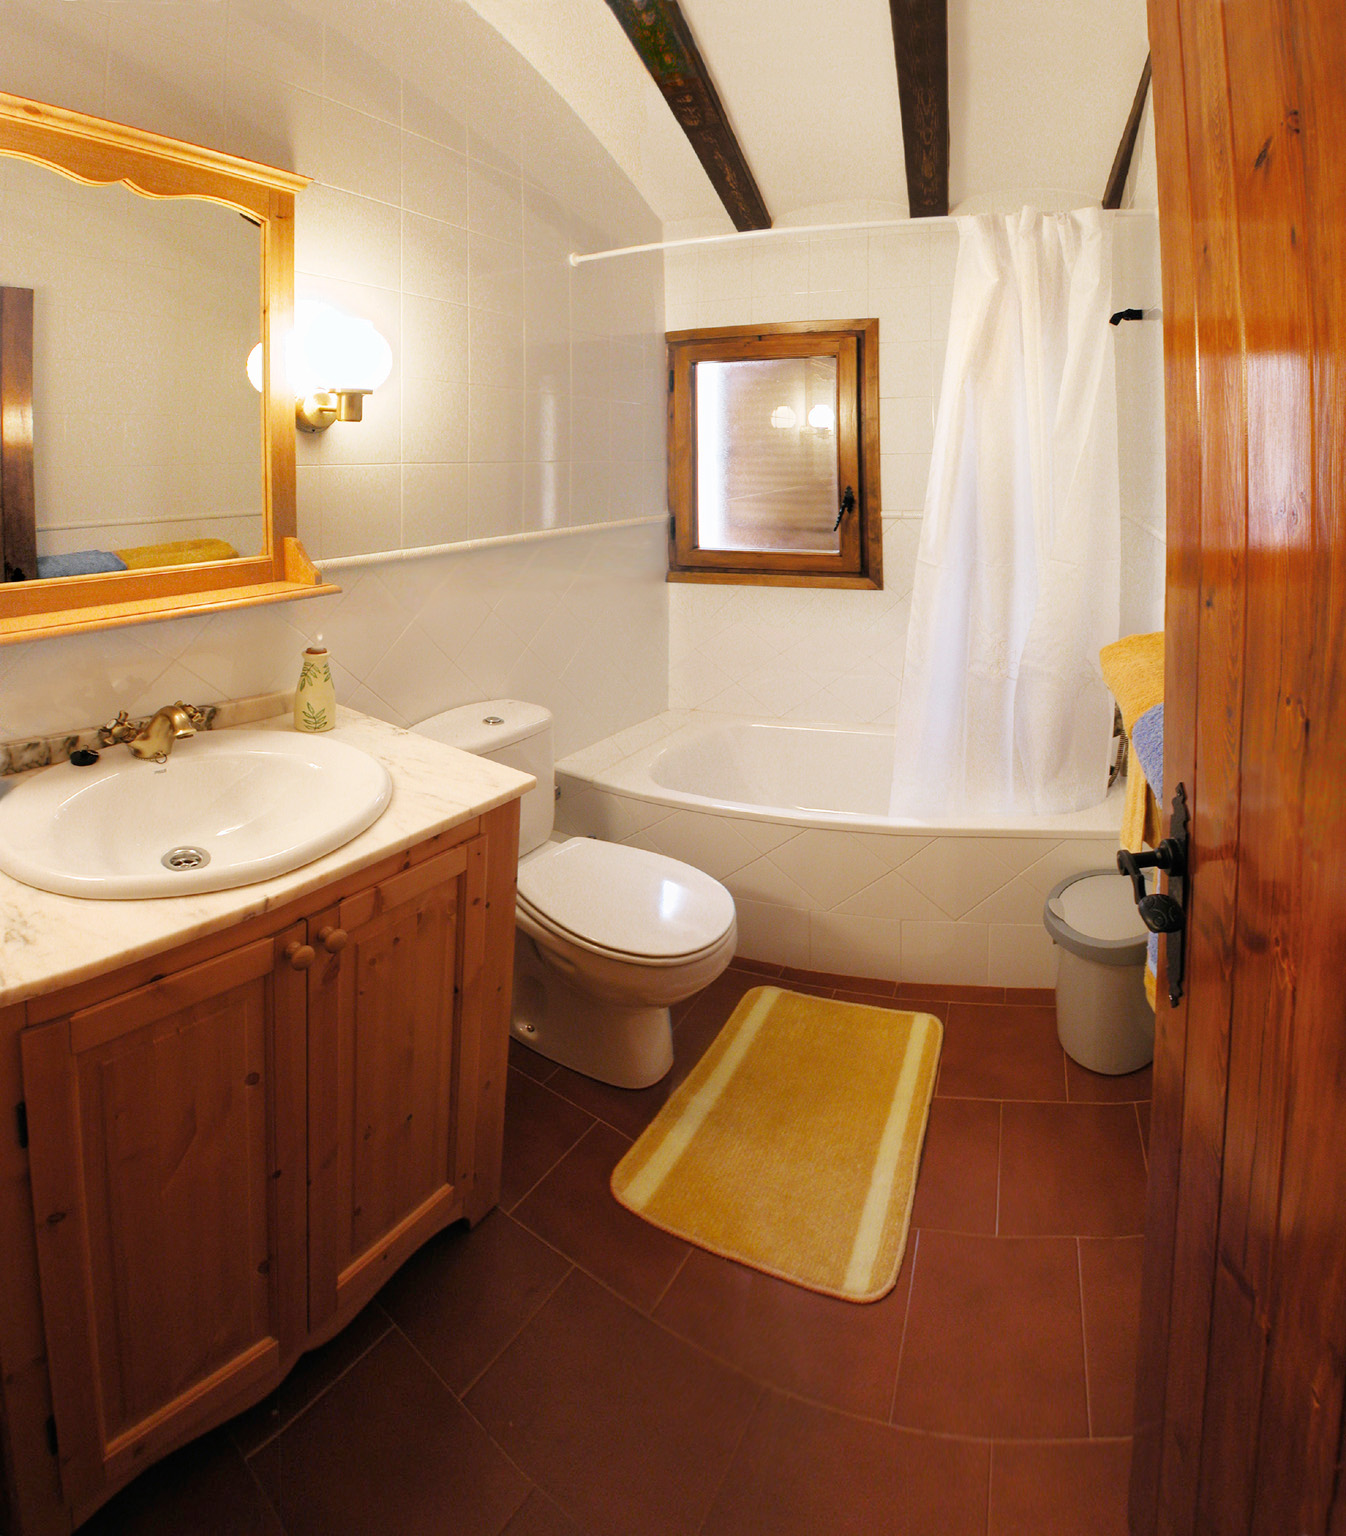 Como evitar accidentes el ctricos en el ba o y la cocina ferjuca blog - Como limpiar bien el bano ...